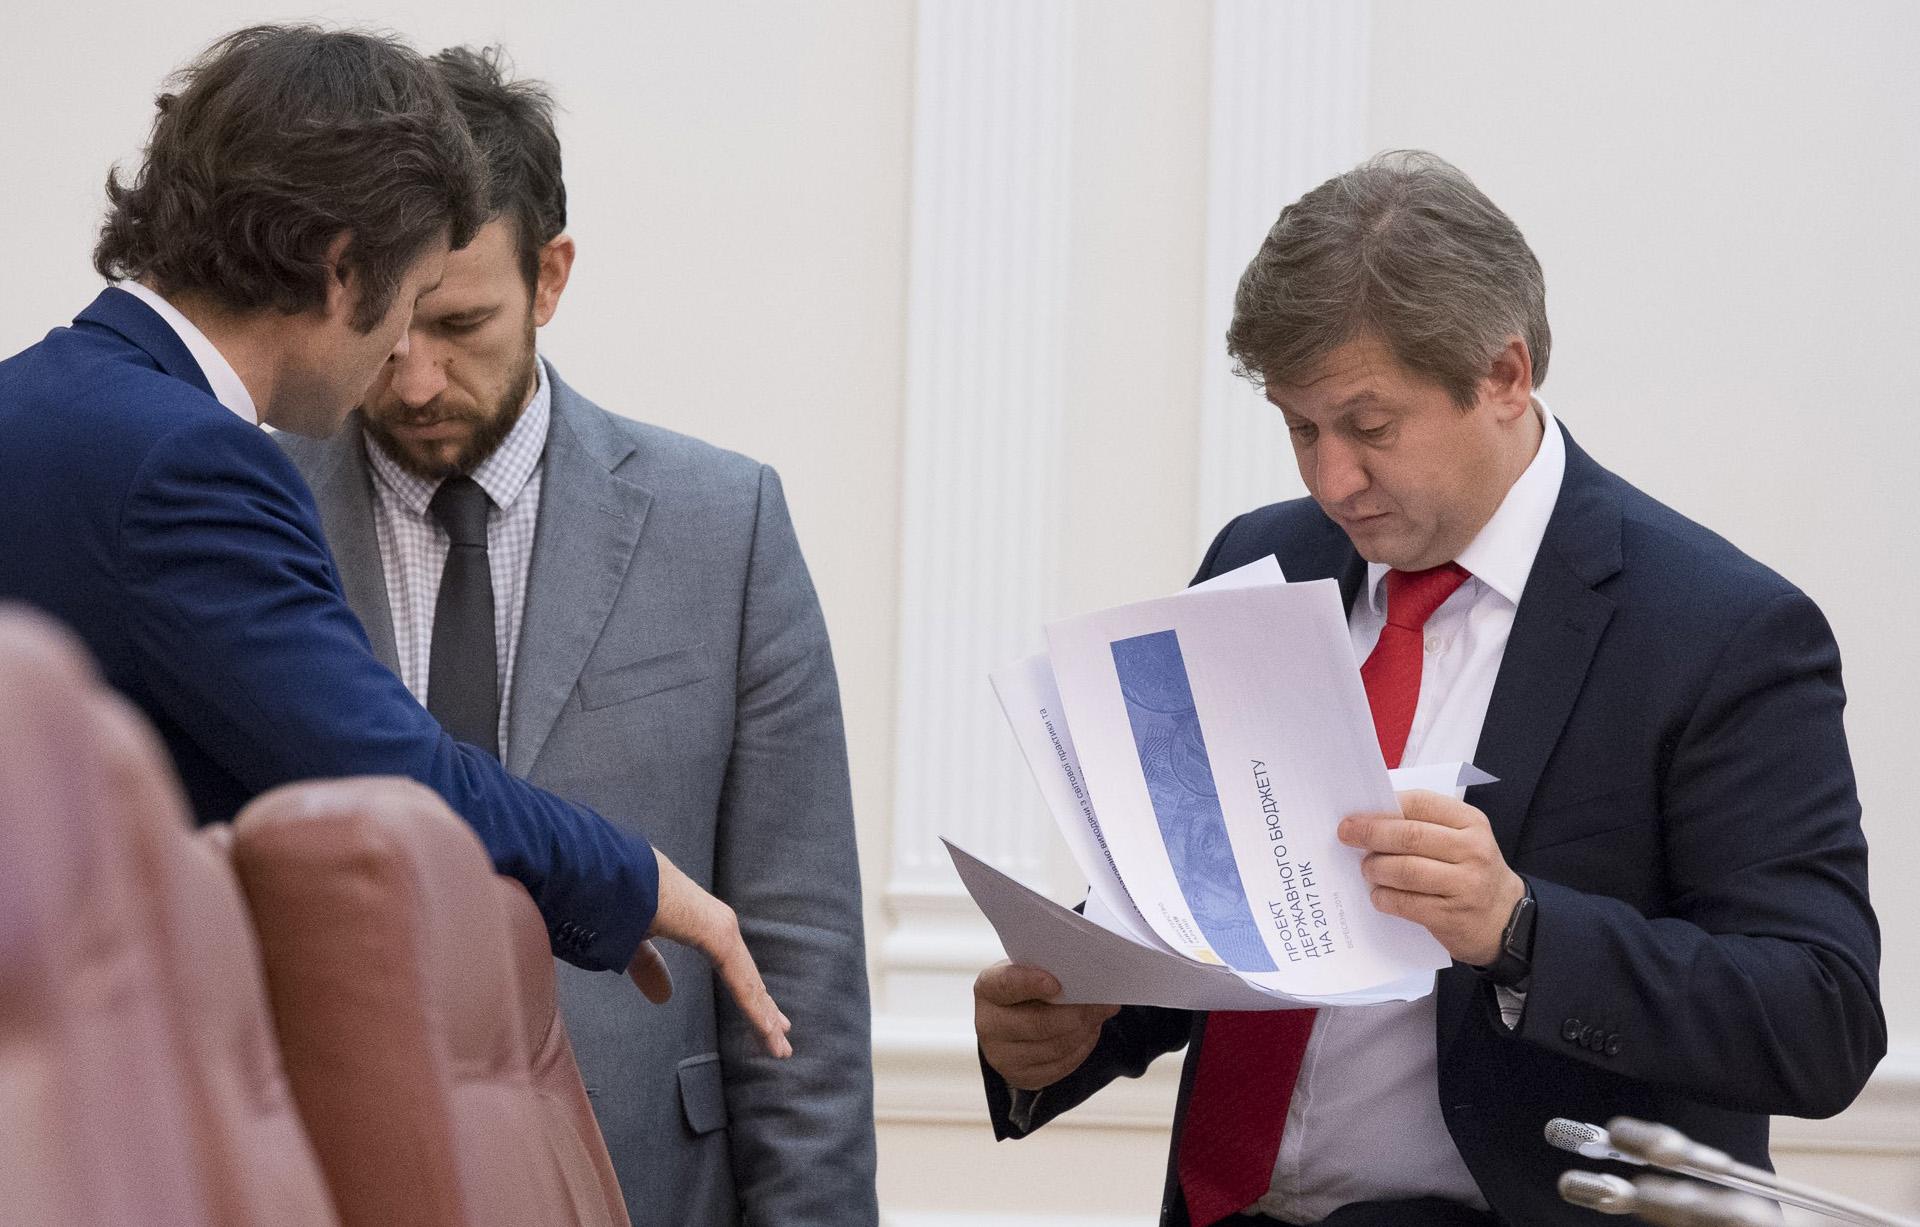 Среднесрочное бюджетное планирование является очень важным сигналом о том, что Украина готова приводить в порядок свои макроэкономические прогнозы